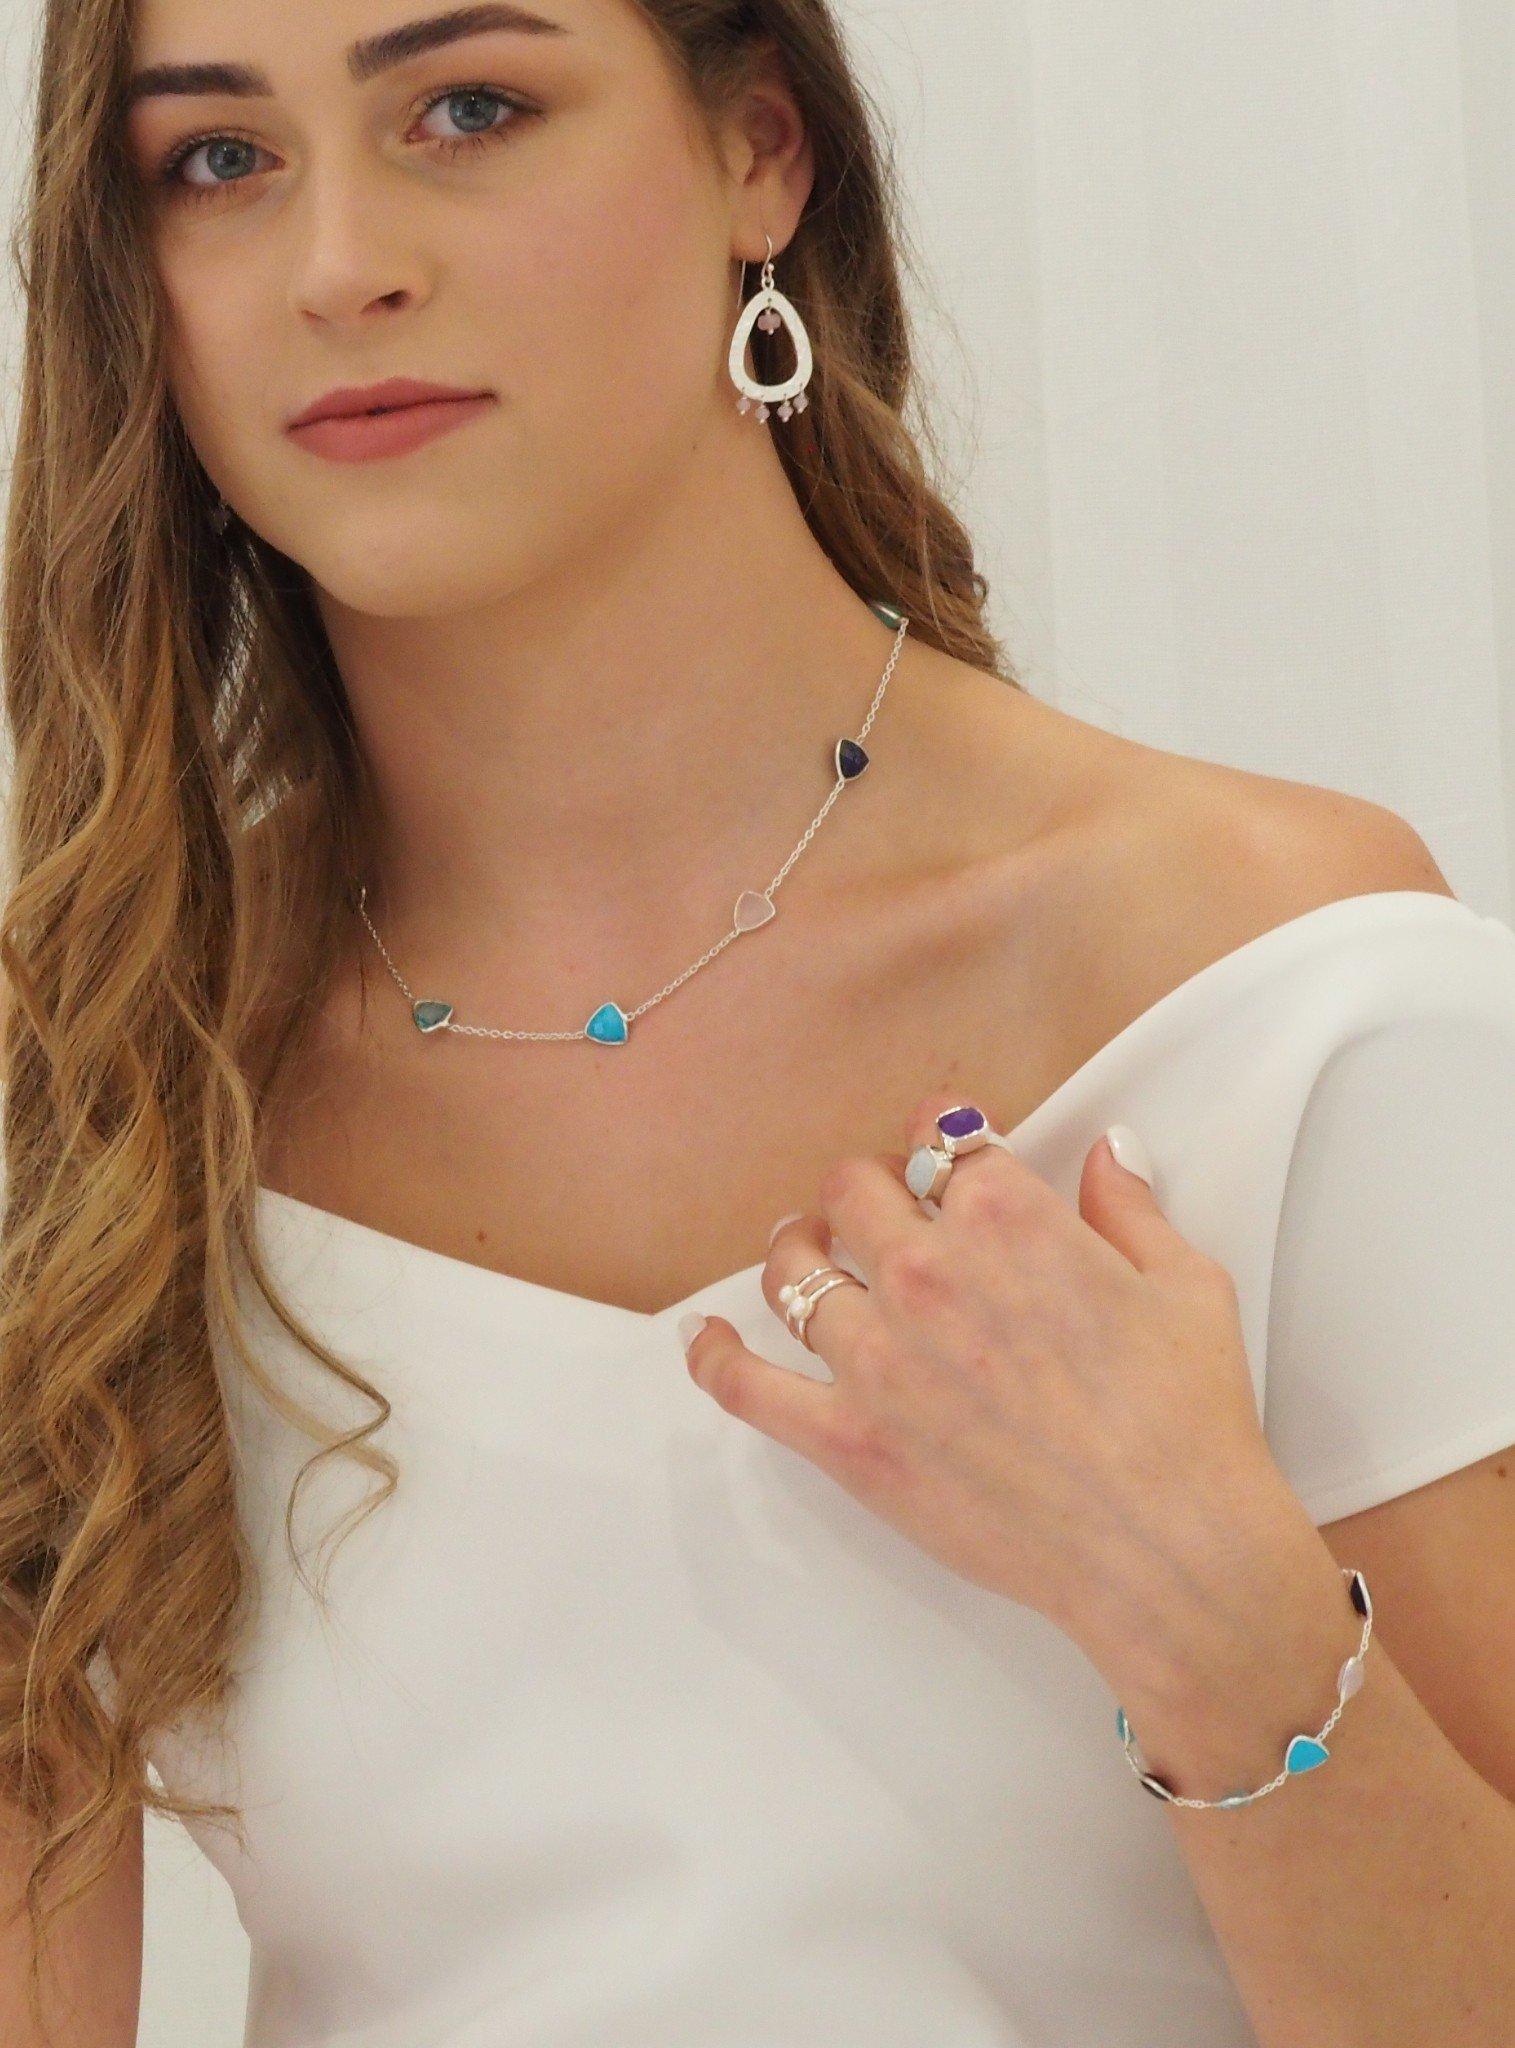 Indie Moonstone Gemstone Ring in Silver